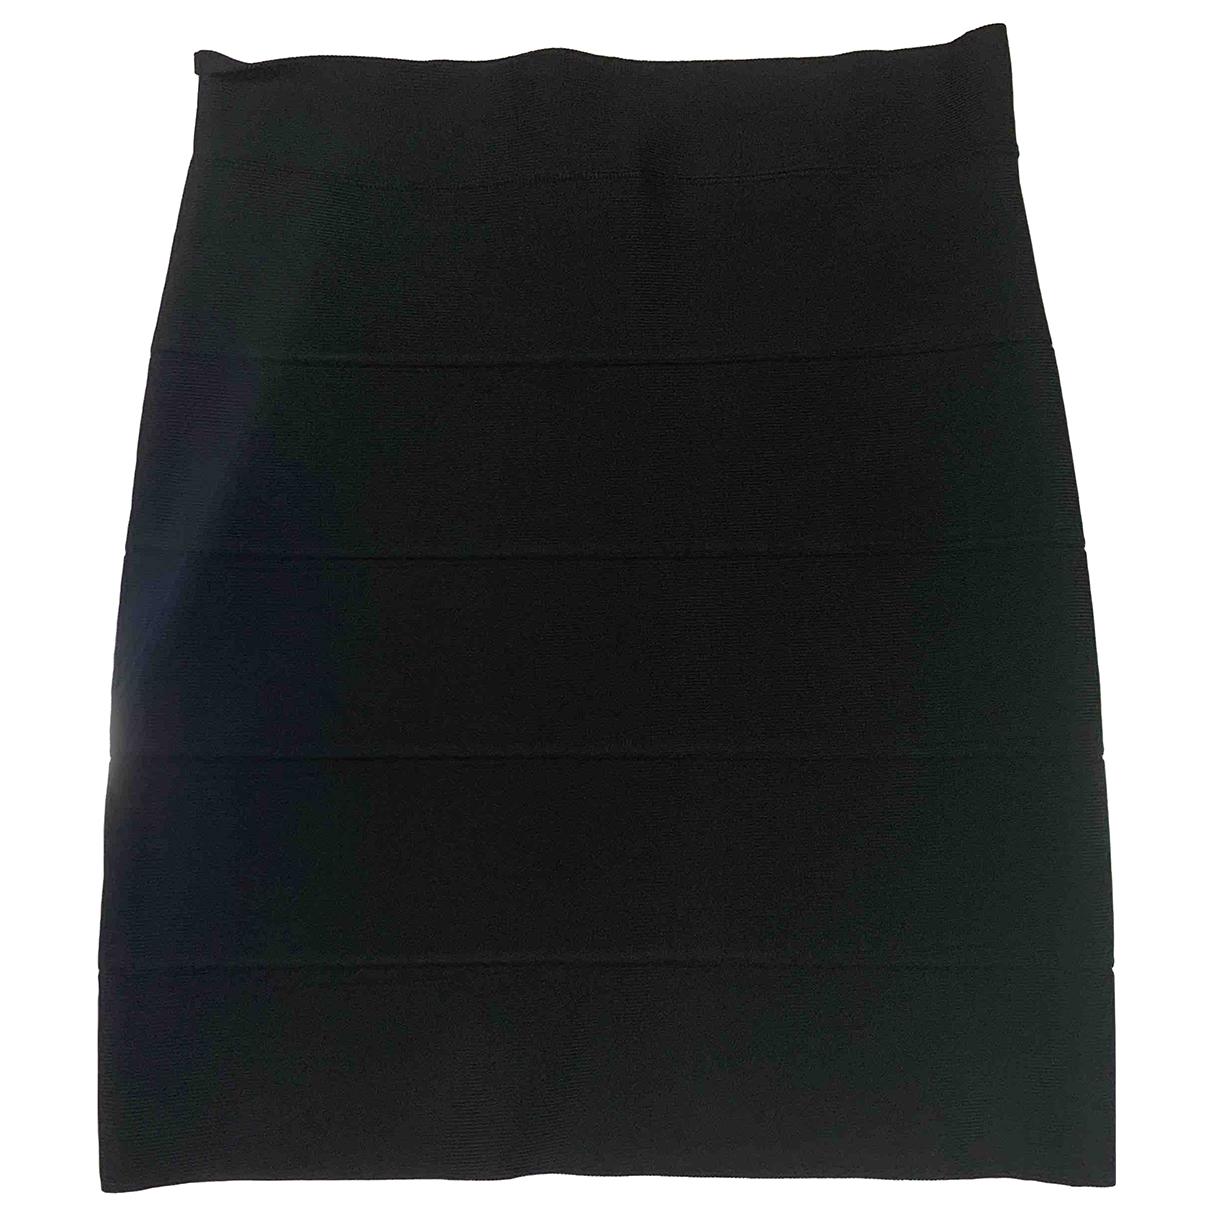 Bcbg Max Azria \N Black skirt for Women M International